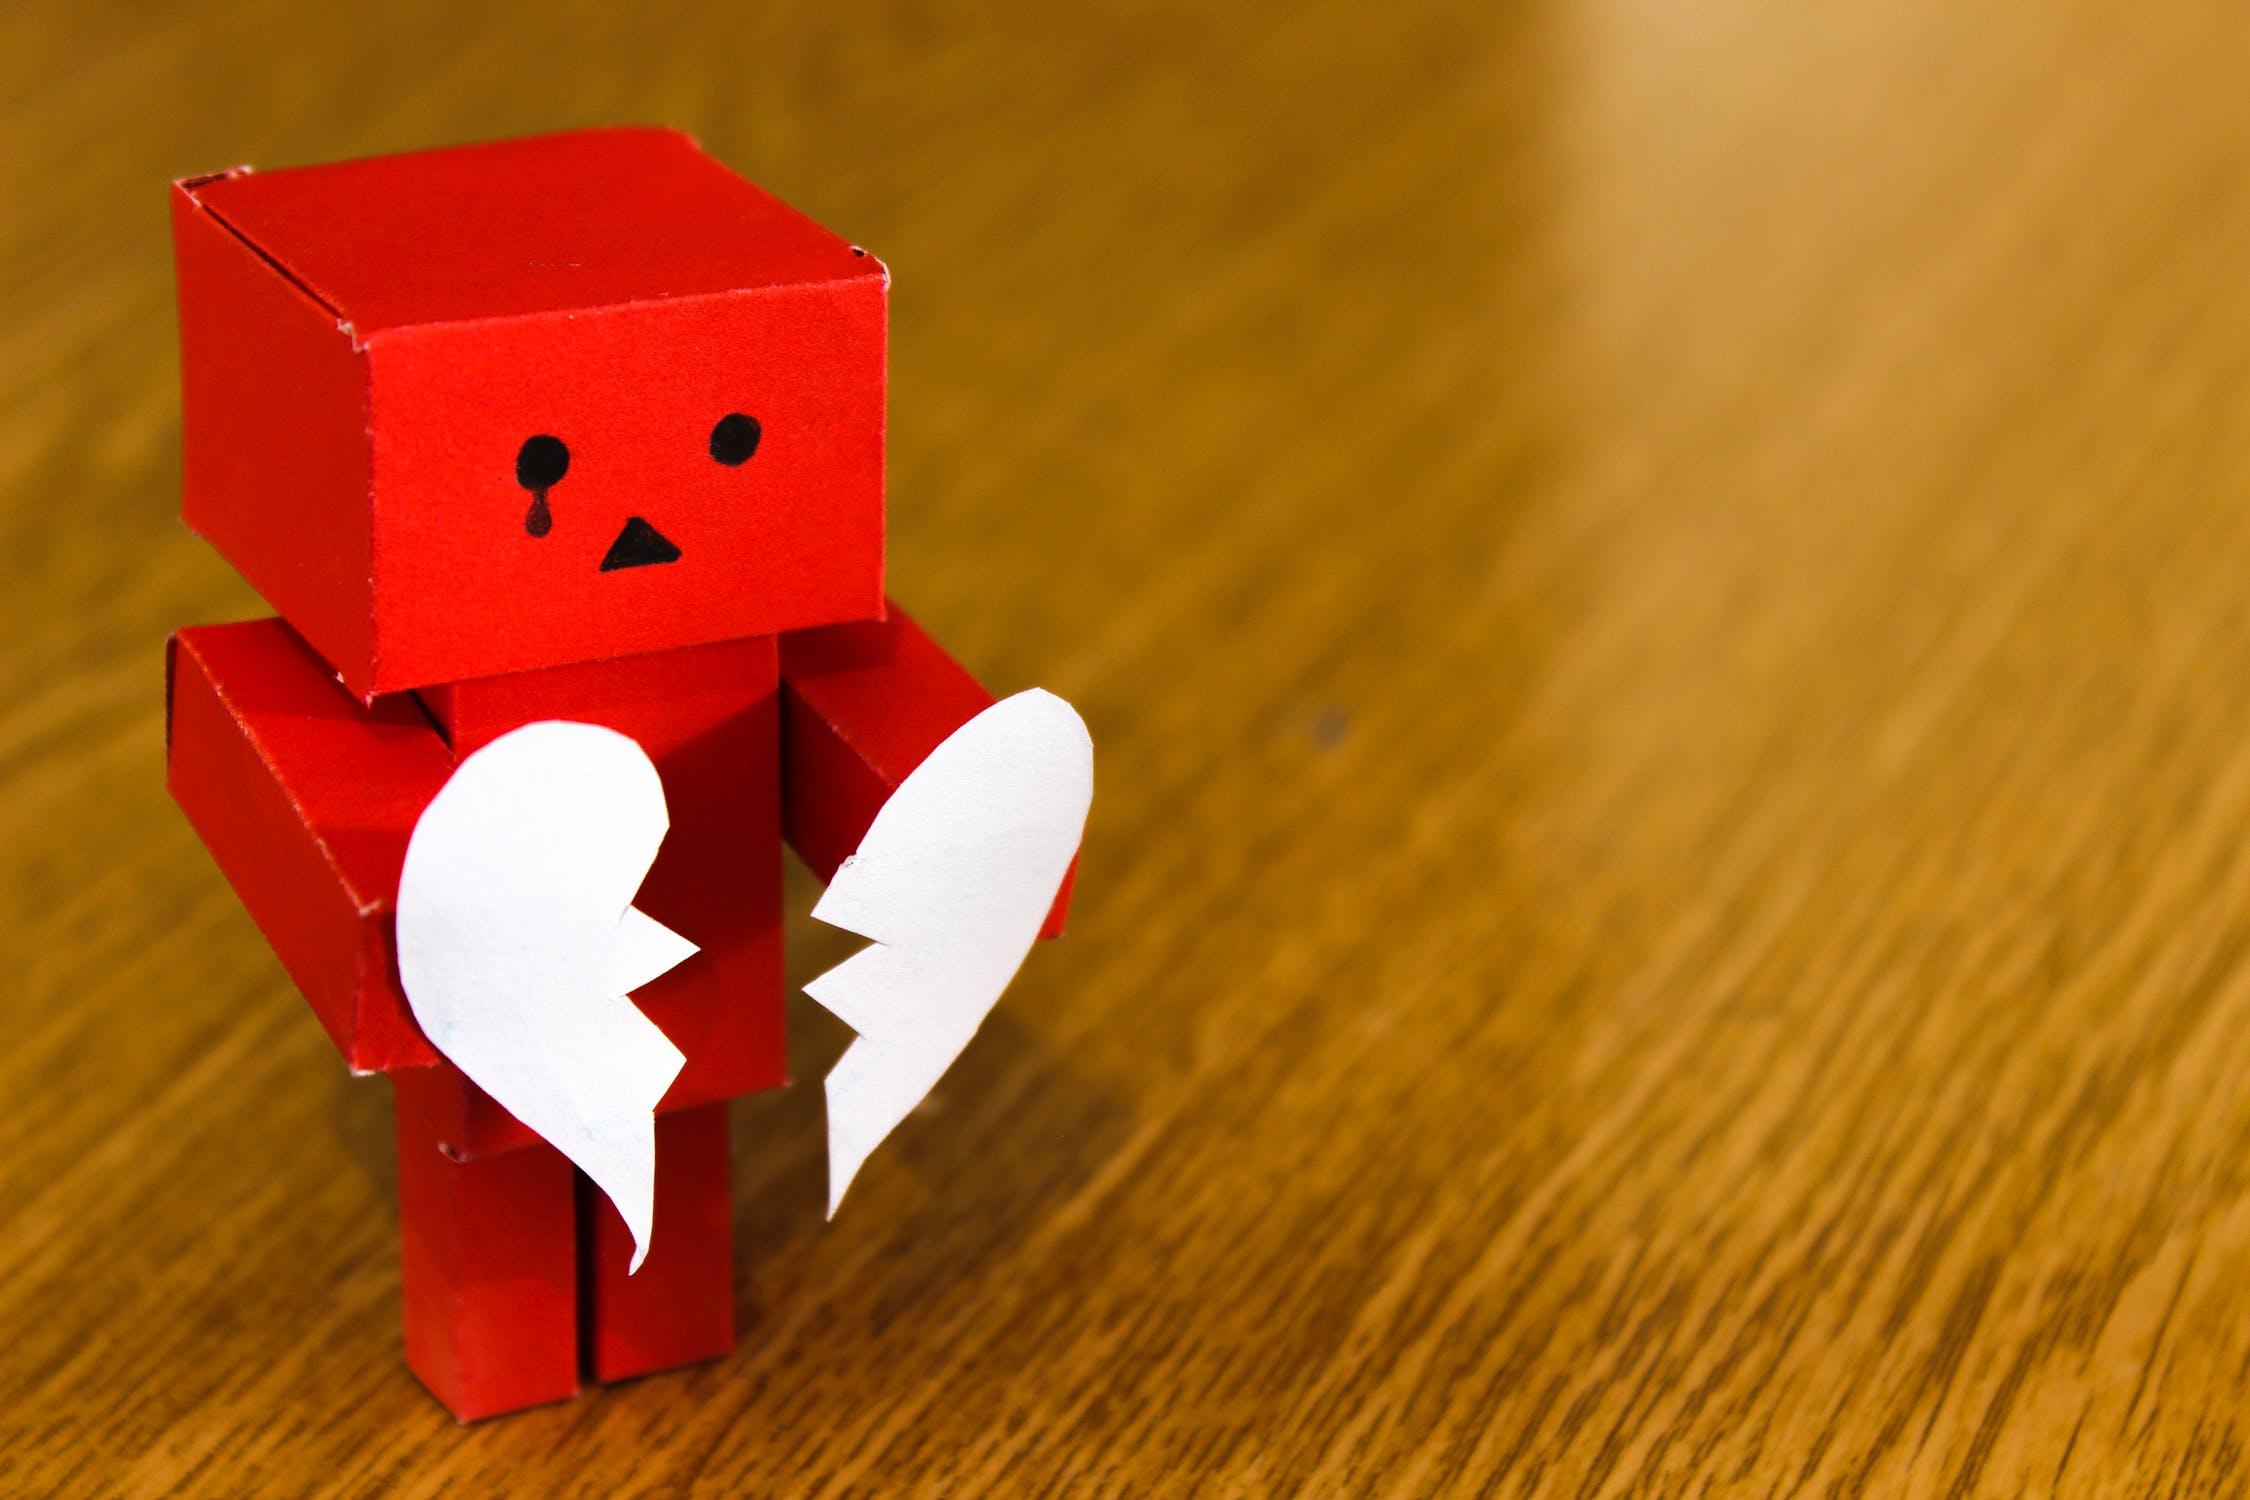 صورة كرتونية حزينة وتمزيق قلب مكسور